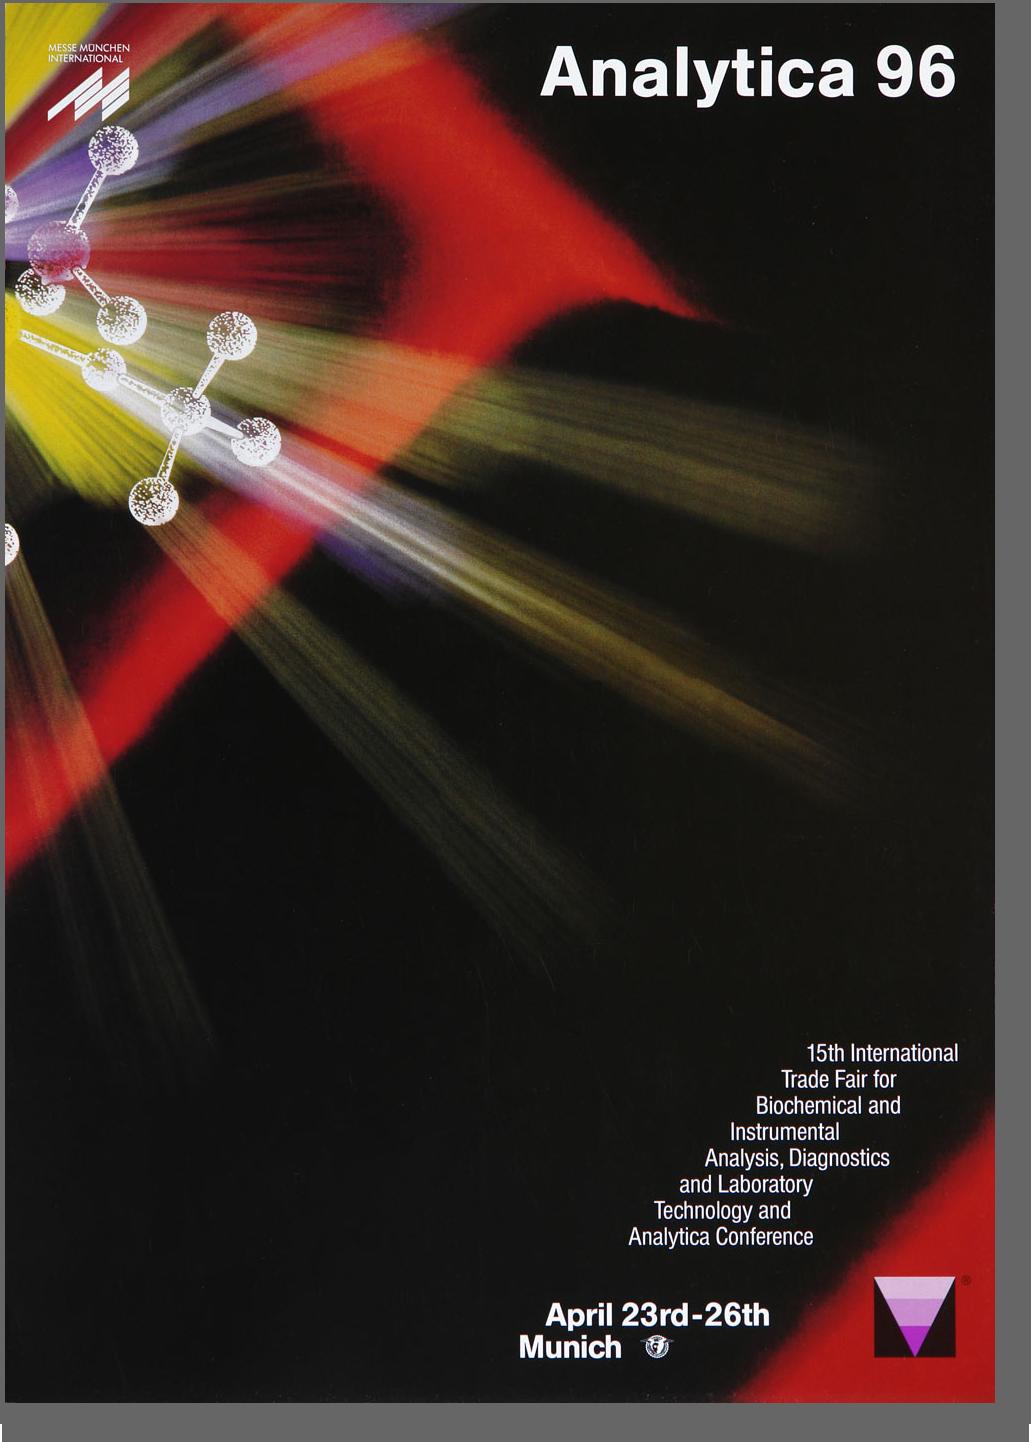 Plakat Analytica